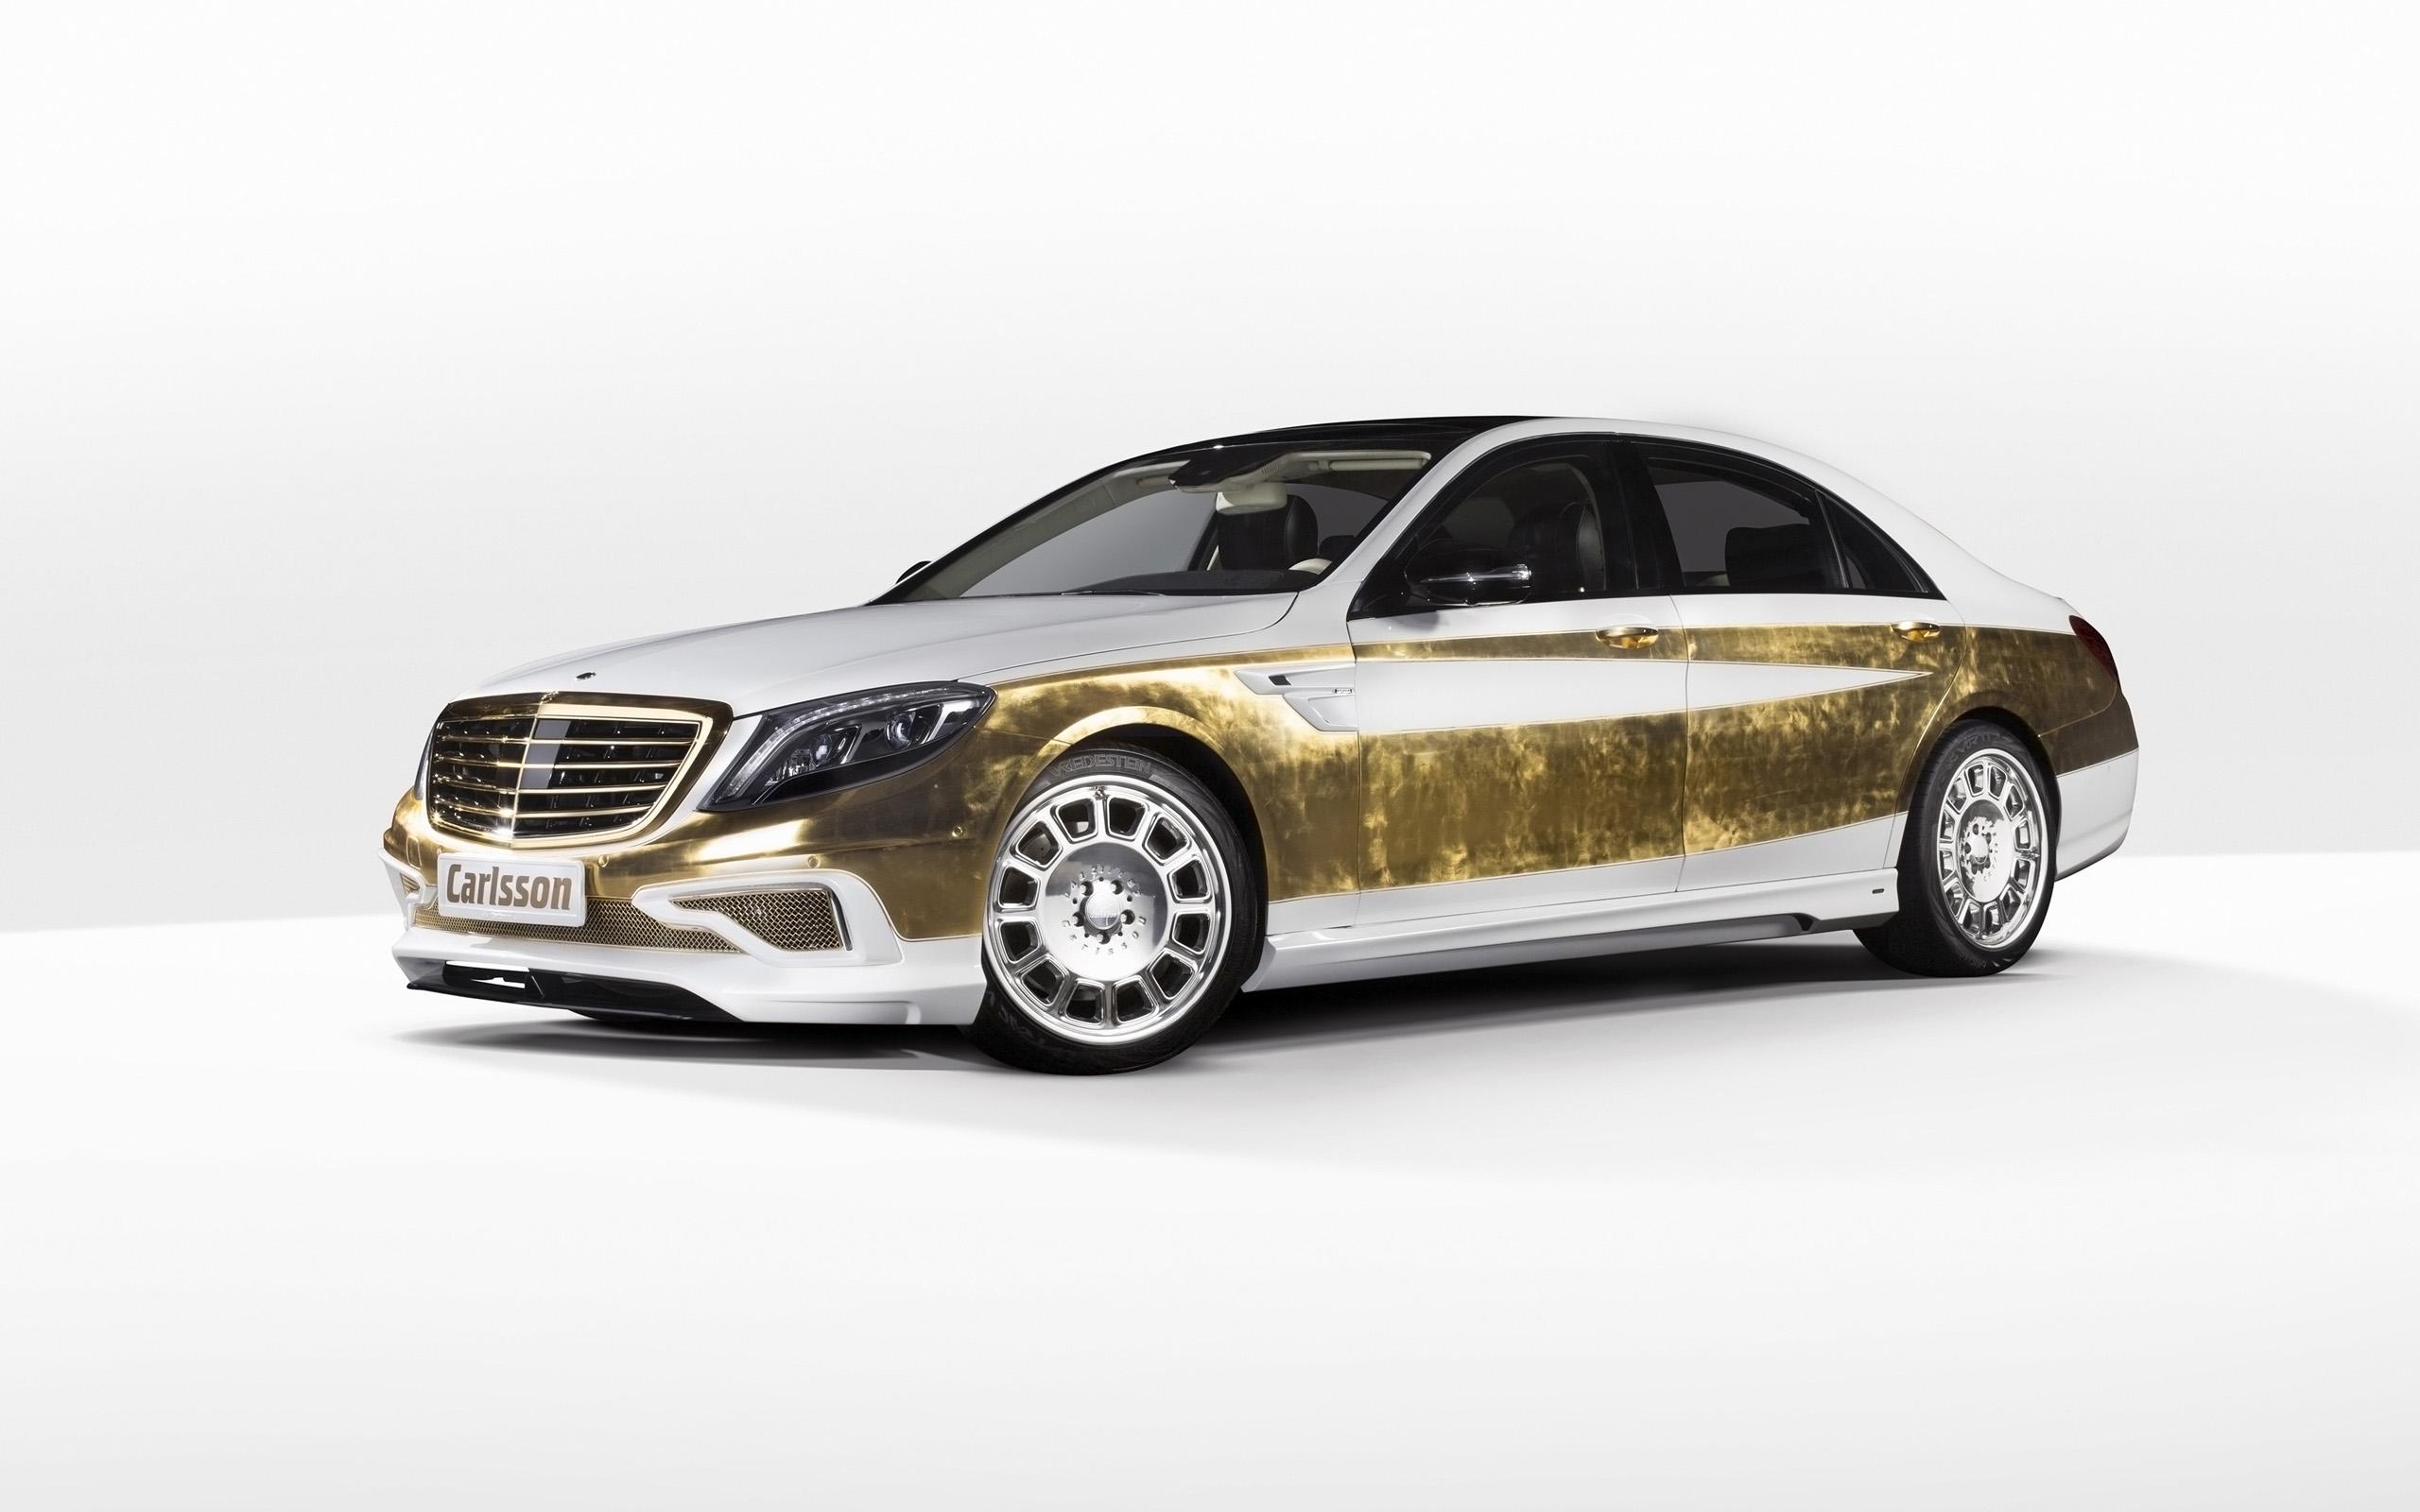 2014 carlsson mercedes benz s class cs50 versailles for Mercedes benz carlsson